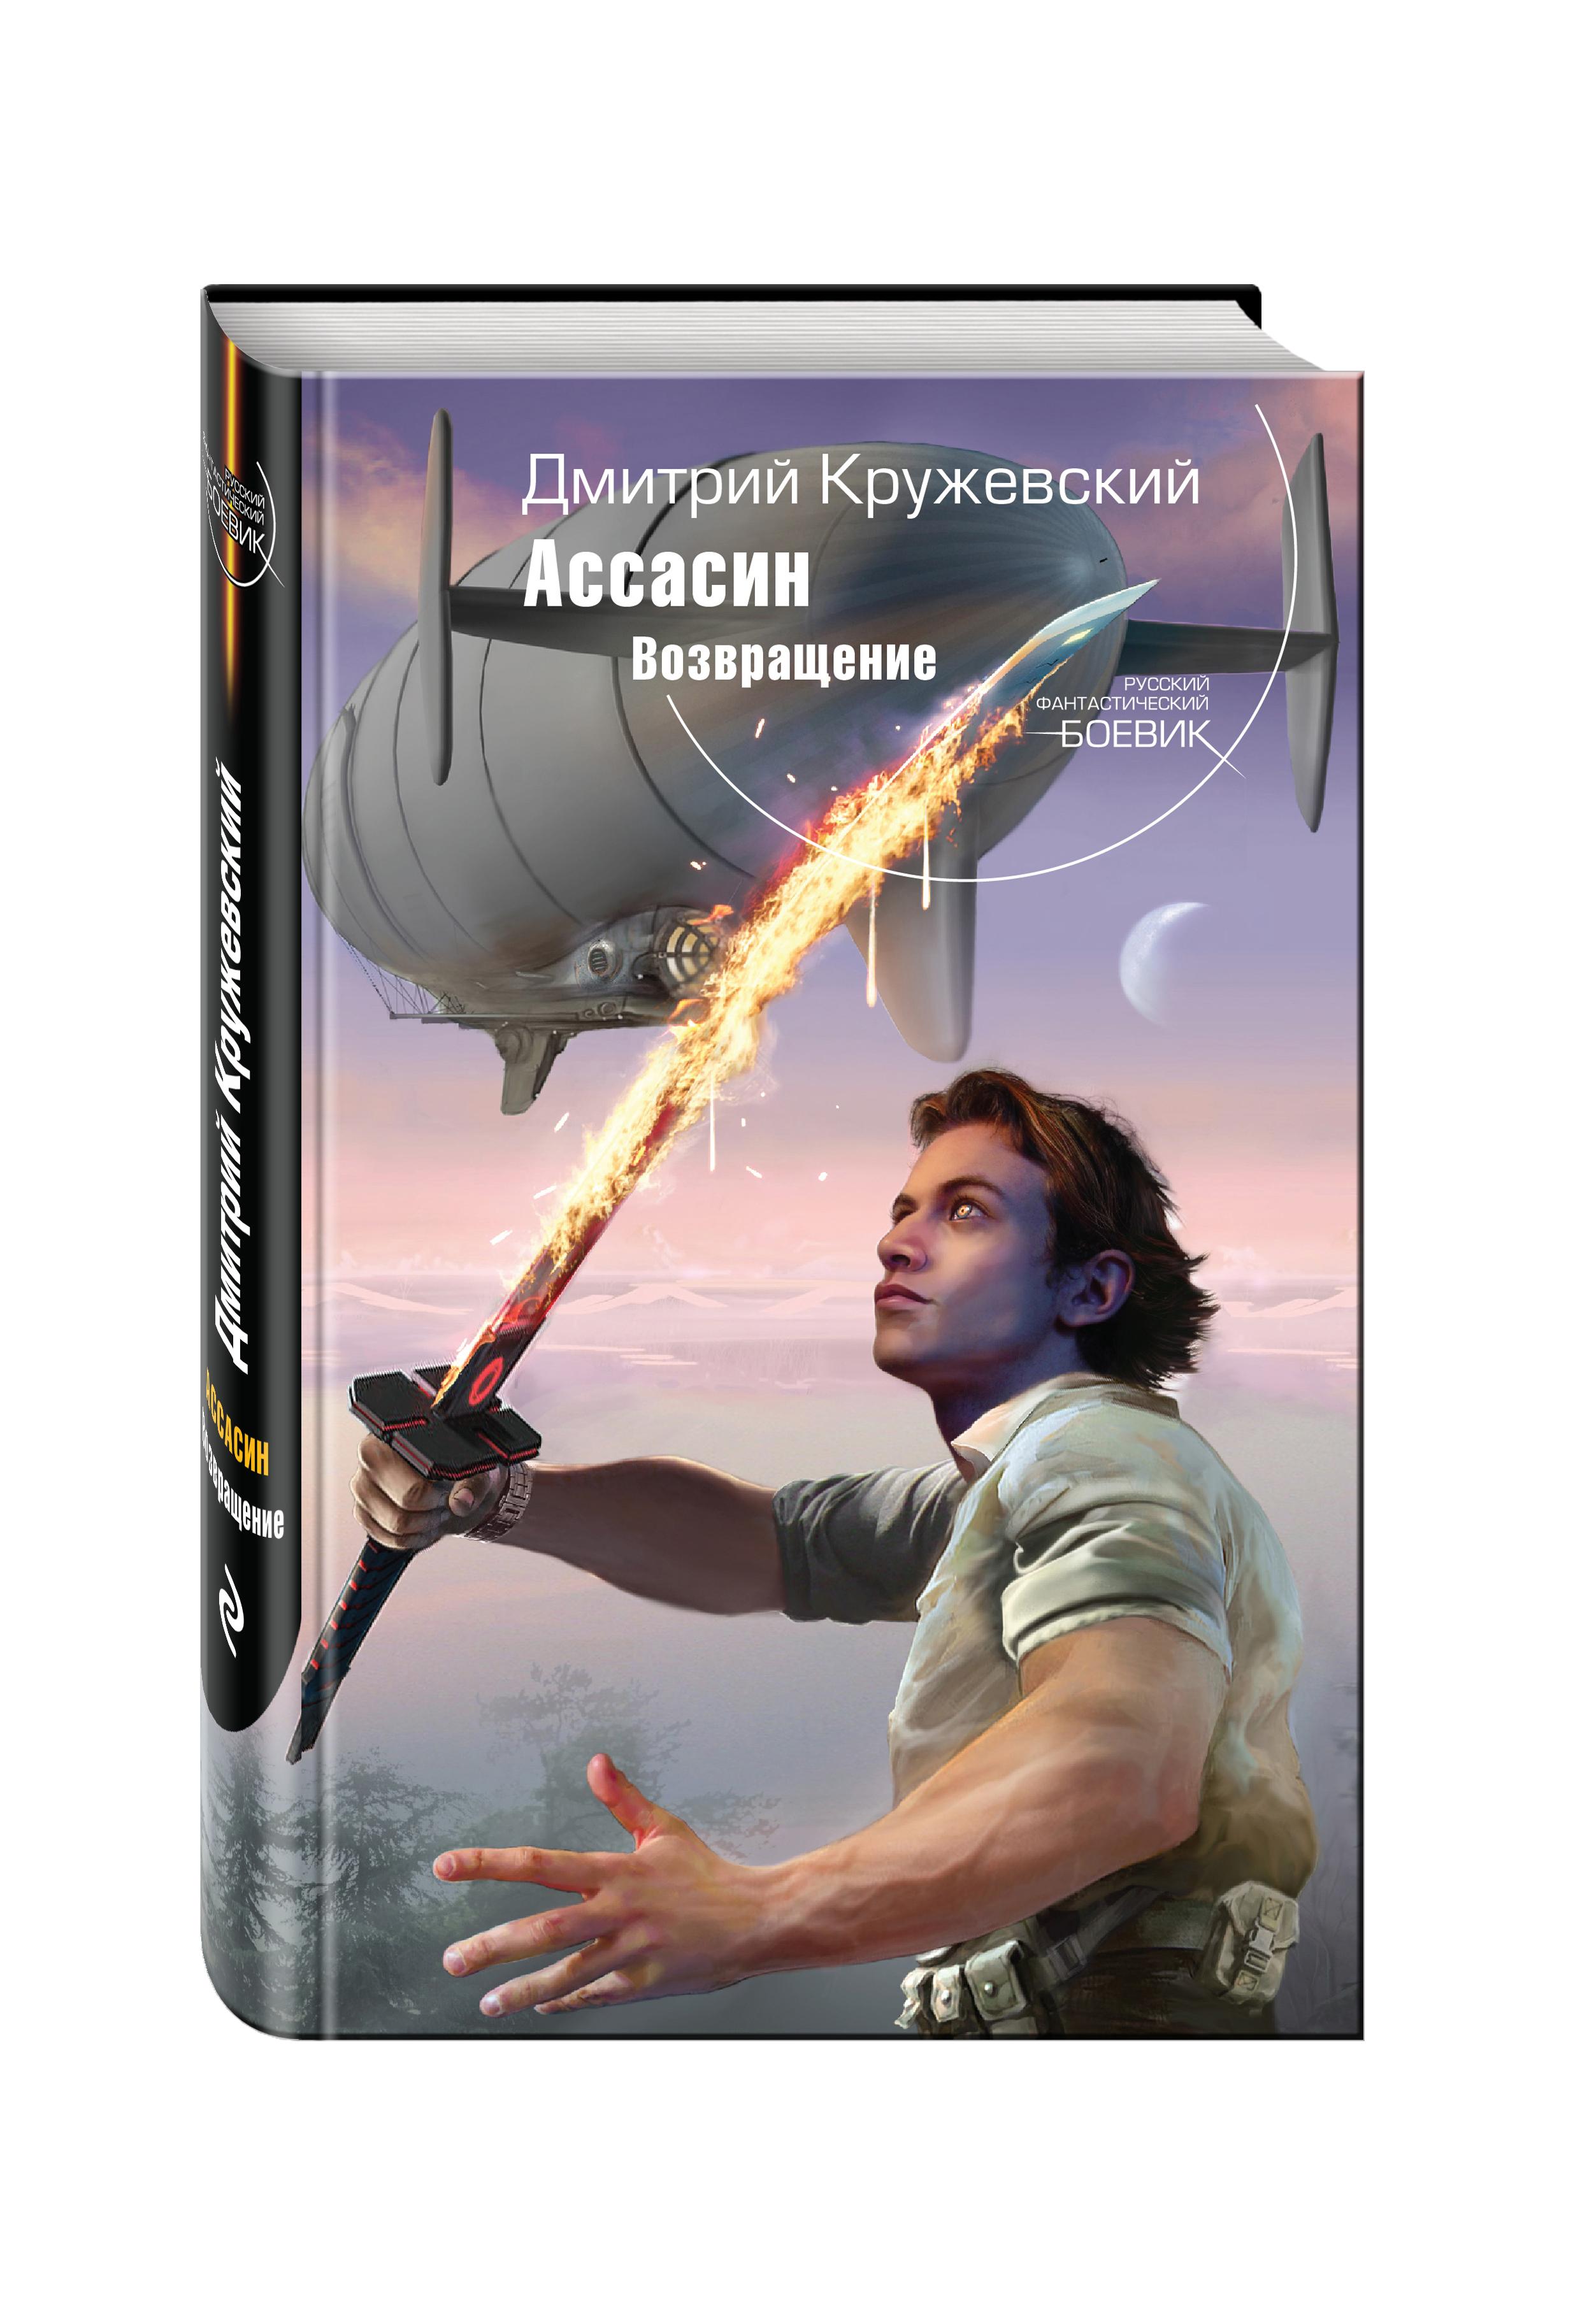 Кружевский Д.С. Ассасин. Возвращение